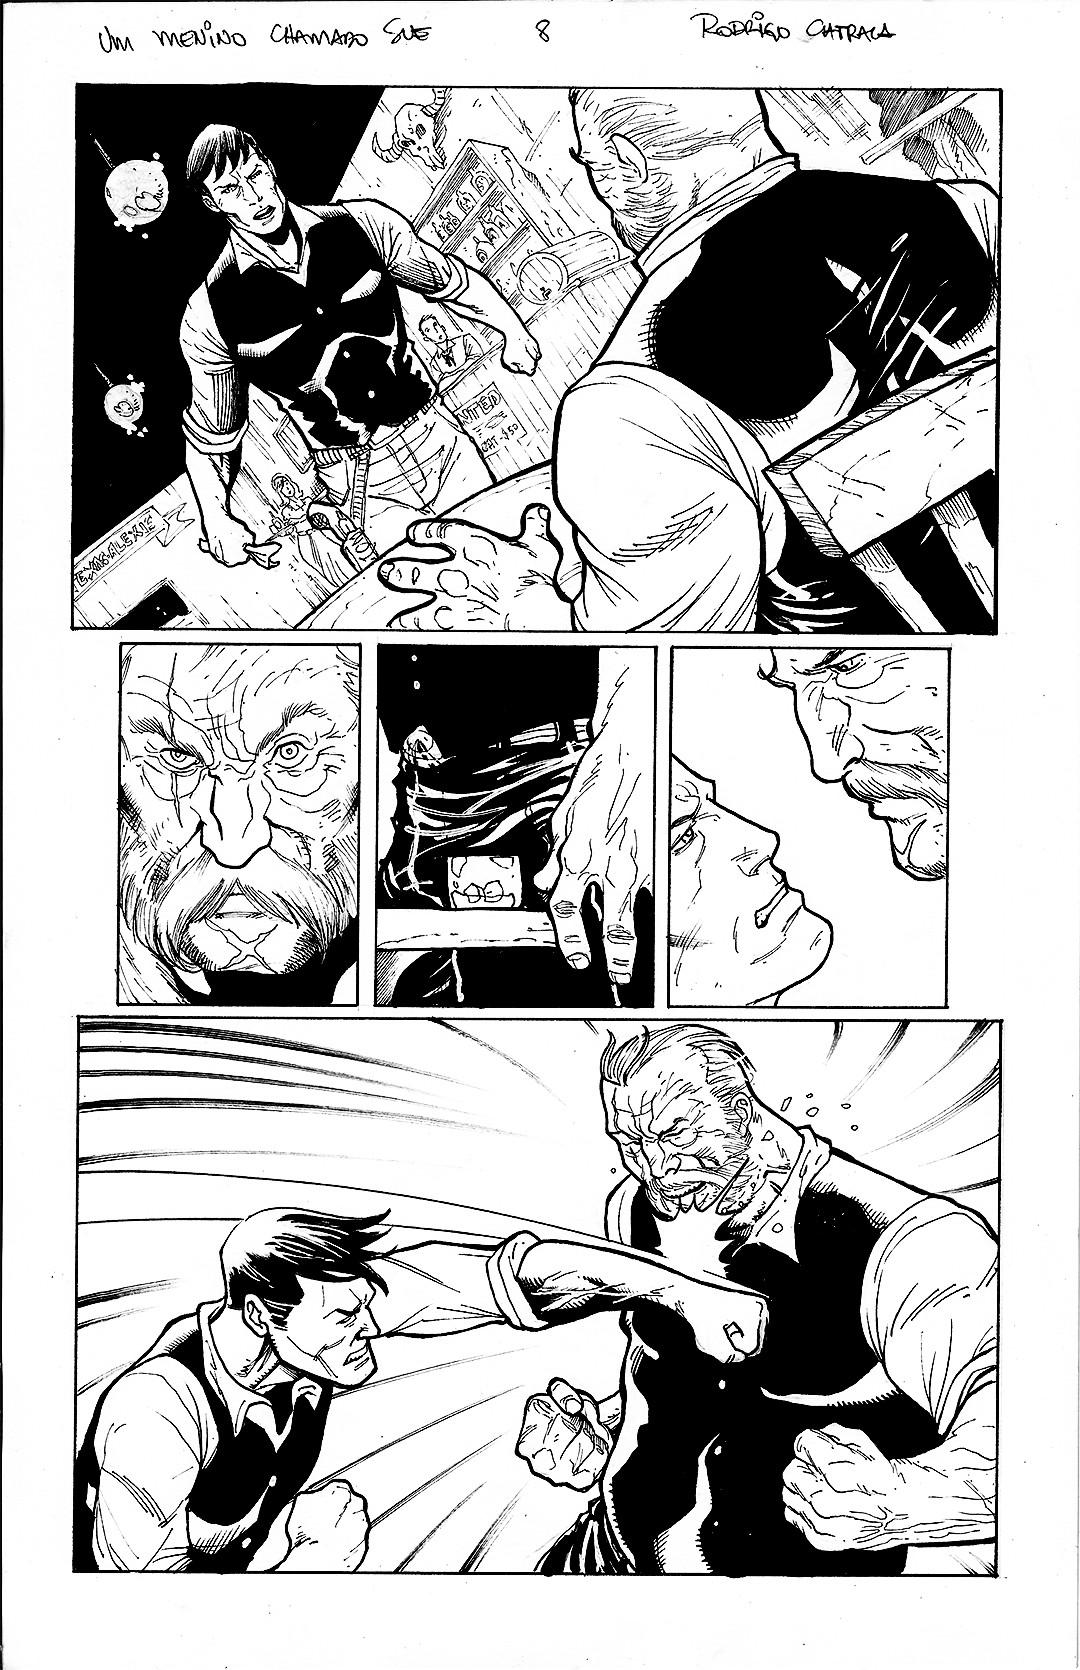 Rodrigo catraca sue pg 8